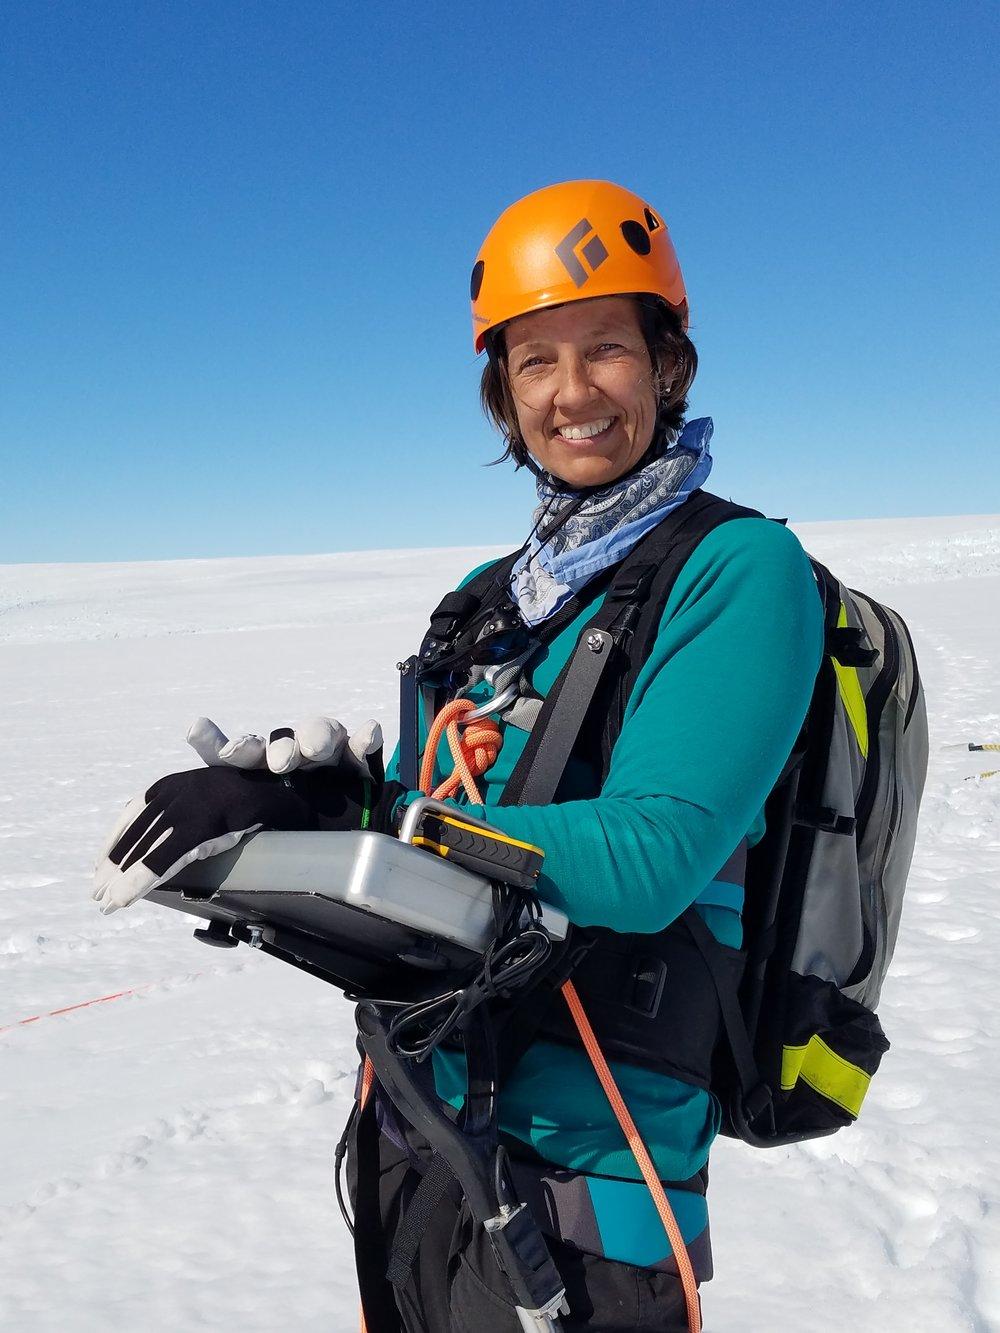 Jaana Gustafsson